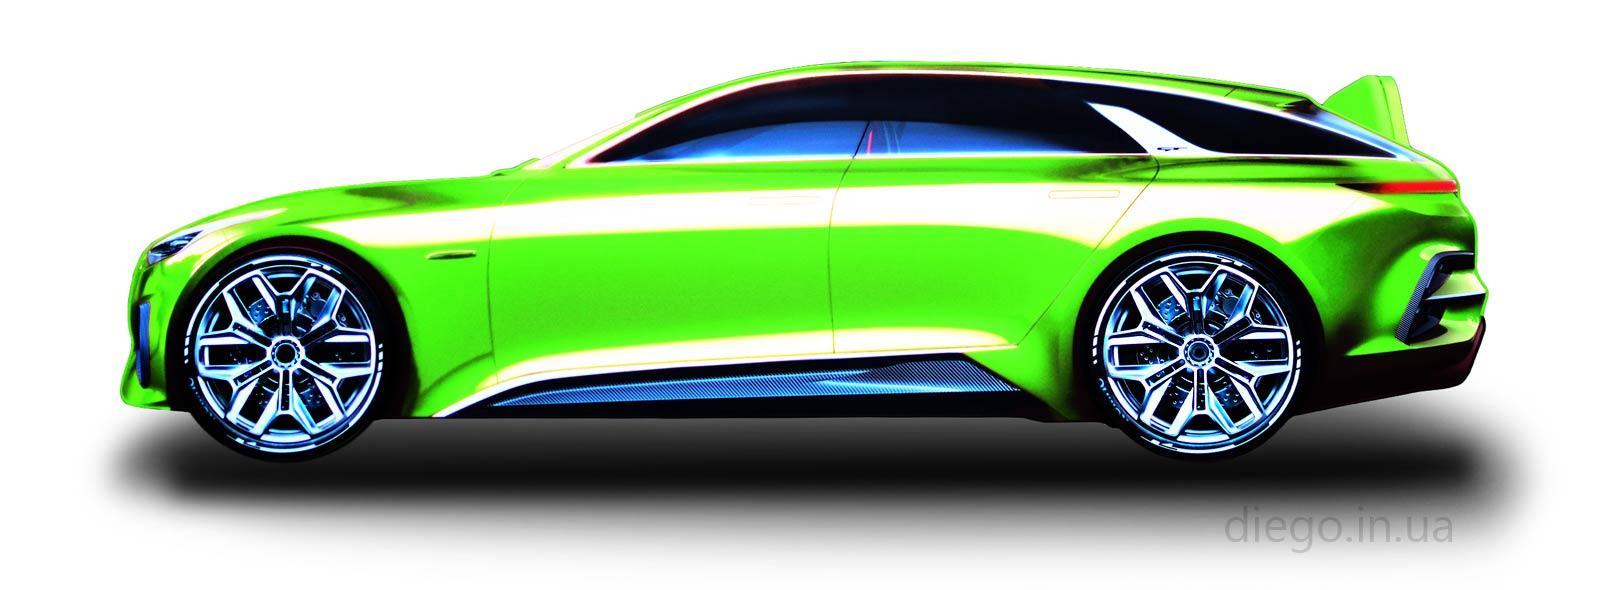 Кровать Universal GT зеленого цвета